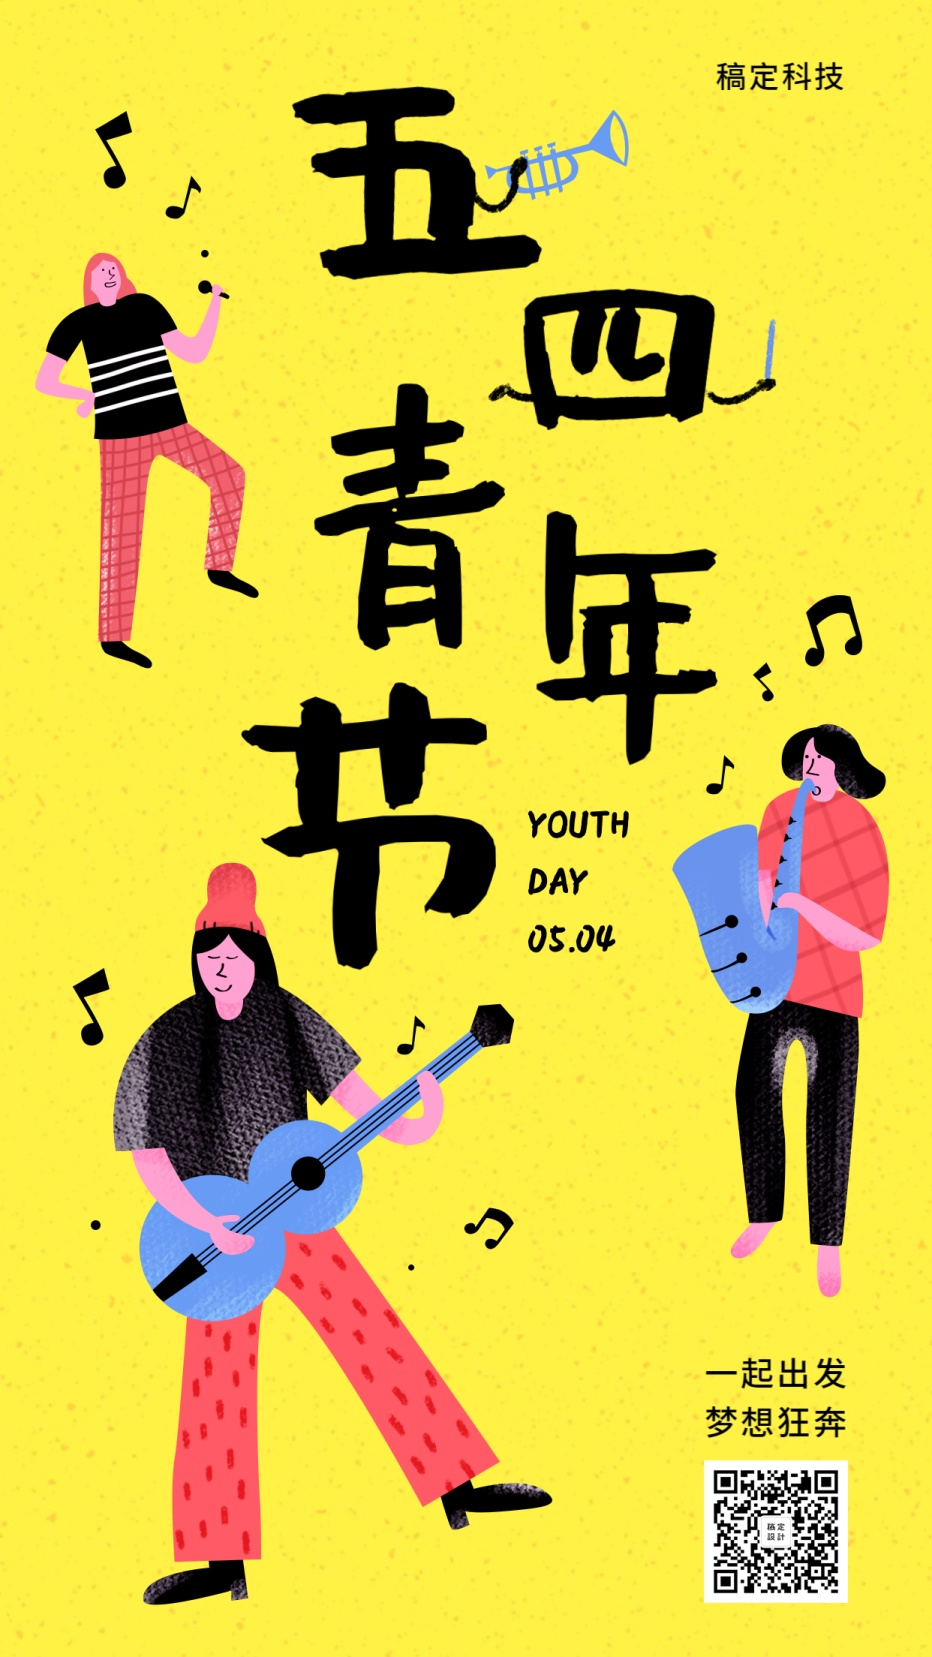 54青年节追梦插画手机海报